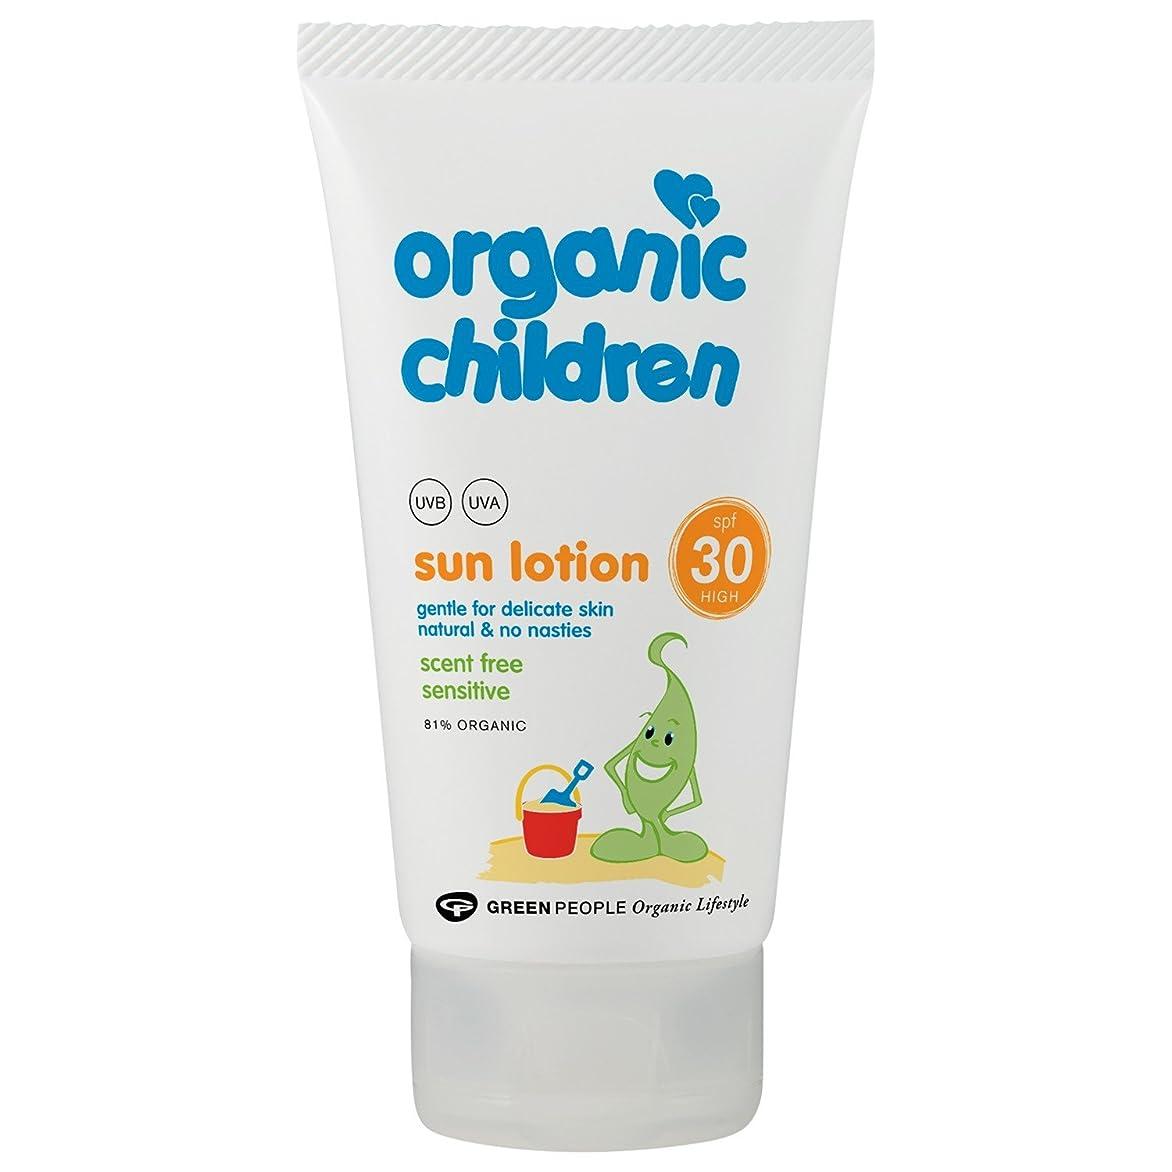 アサーご注意浴室Organic Children SPF 30 Sun Lotion 150g - 有機子どもたちは30日のローション150グラムを [並行輸入品]